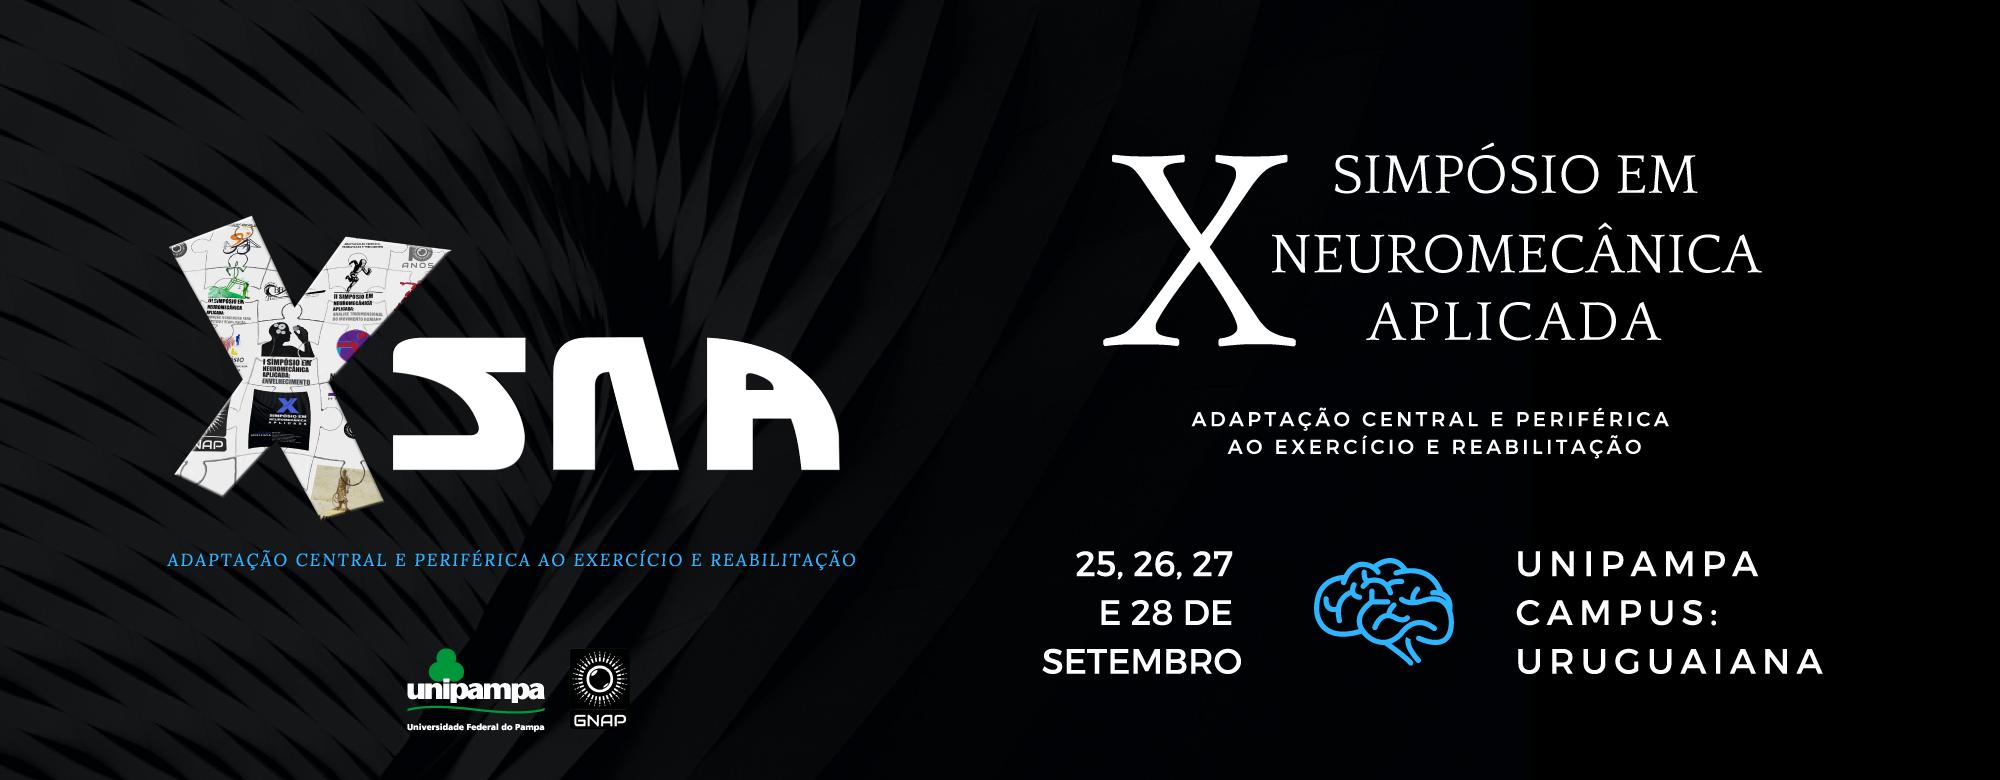 Décimo Simpósio em Neuromecânica Aplicada. 25 a 28 de setembro no Campus Uruguaiana.